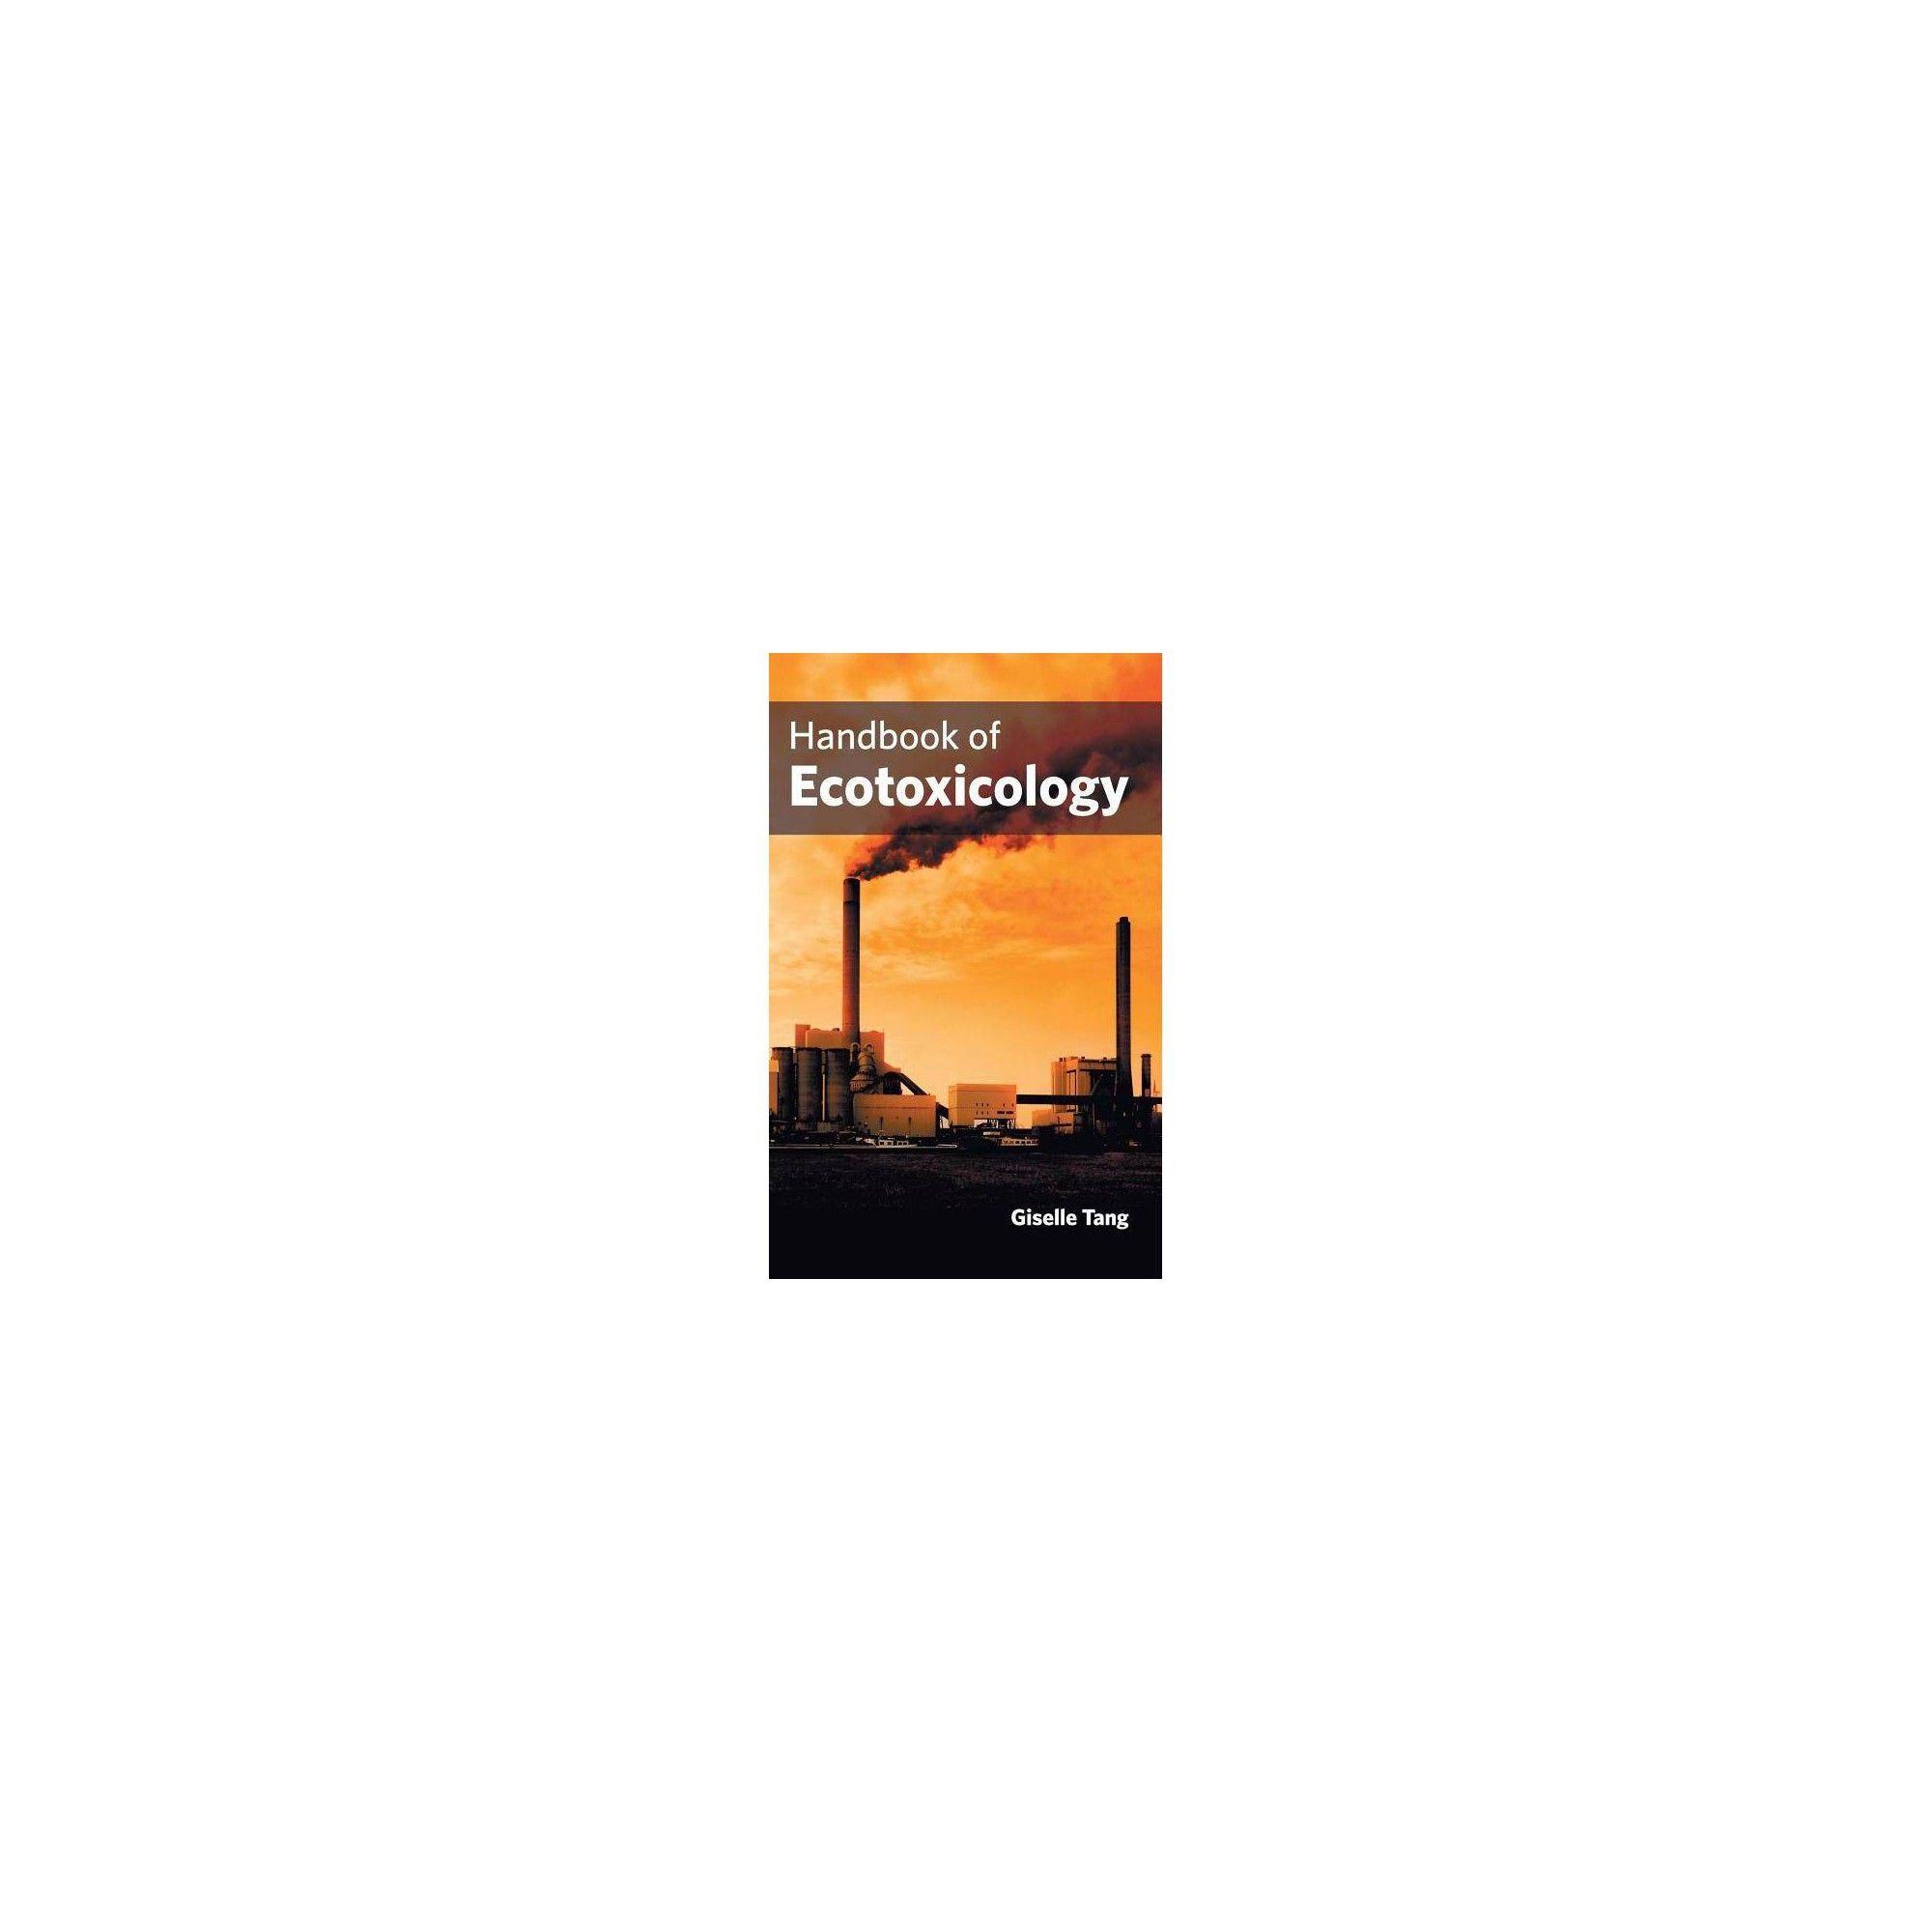 Handbook of Ecotoxicology